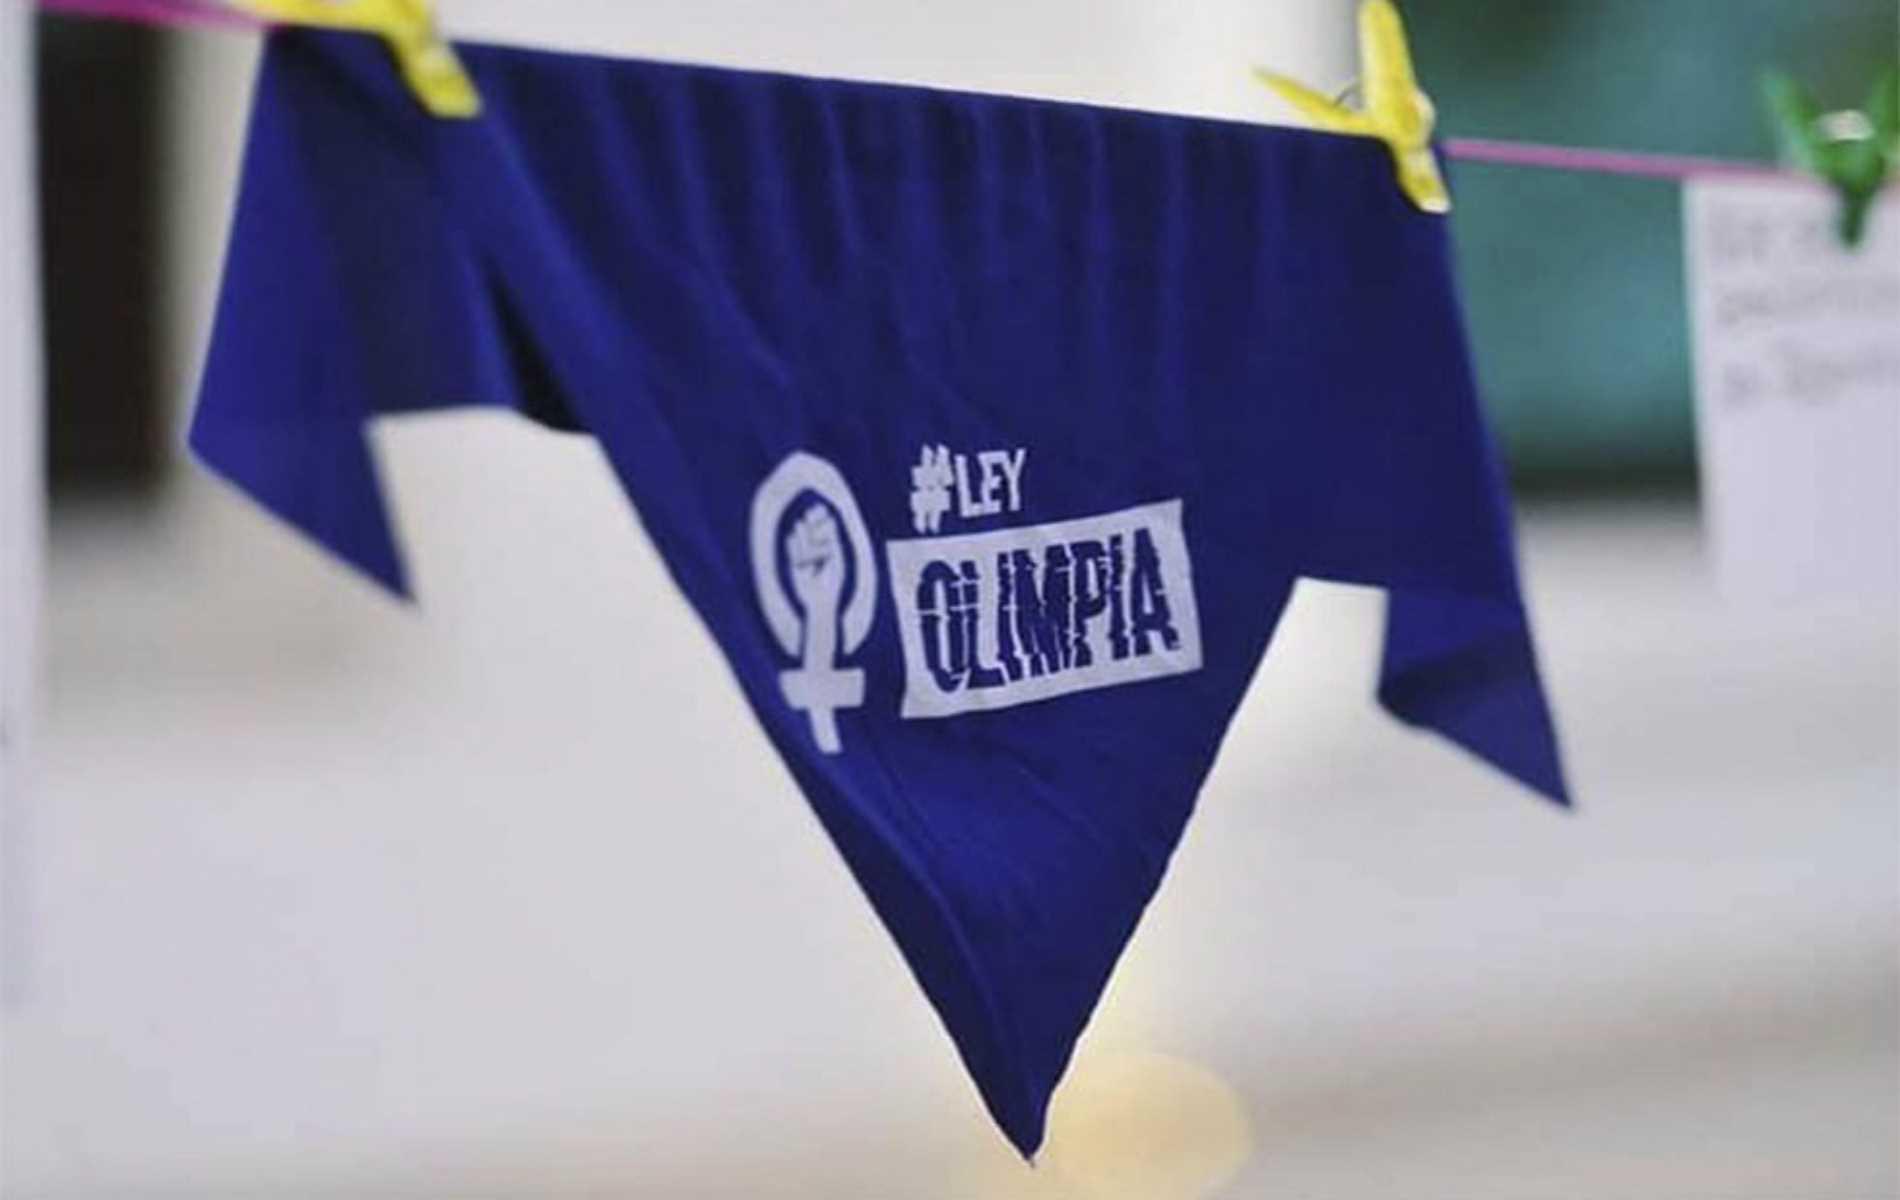 Baja california, Defensoras Digitales, Ley Olimpia, feminismo, activismo, violencia contra la mujer